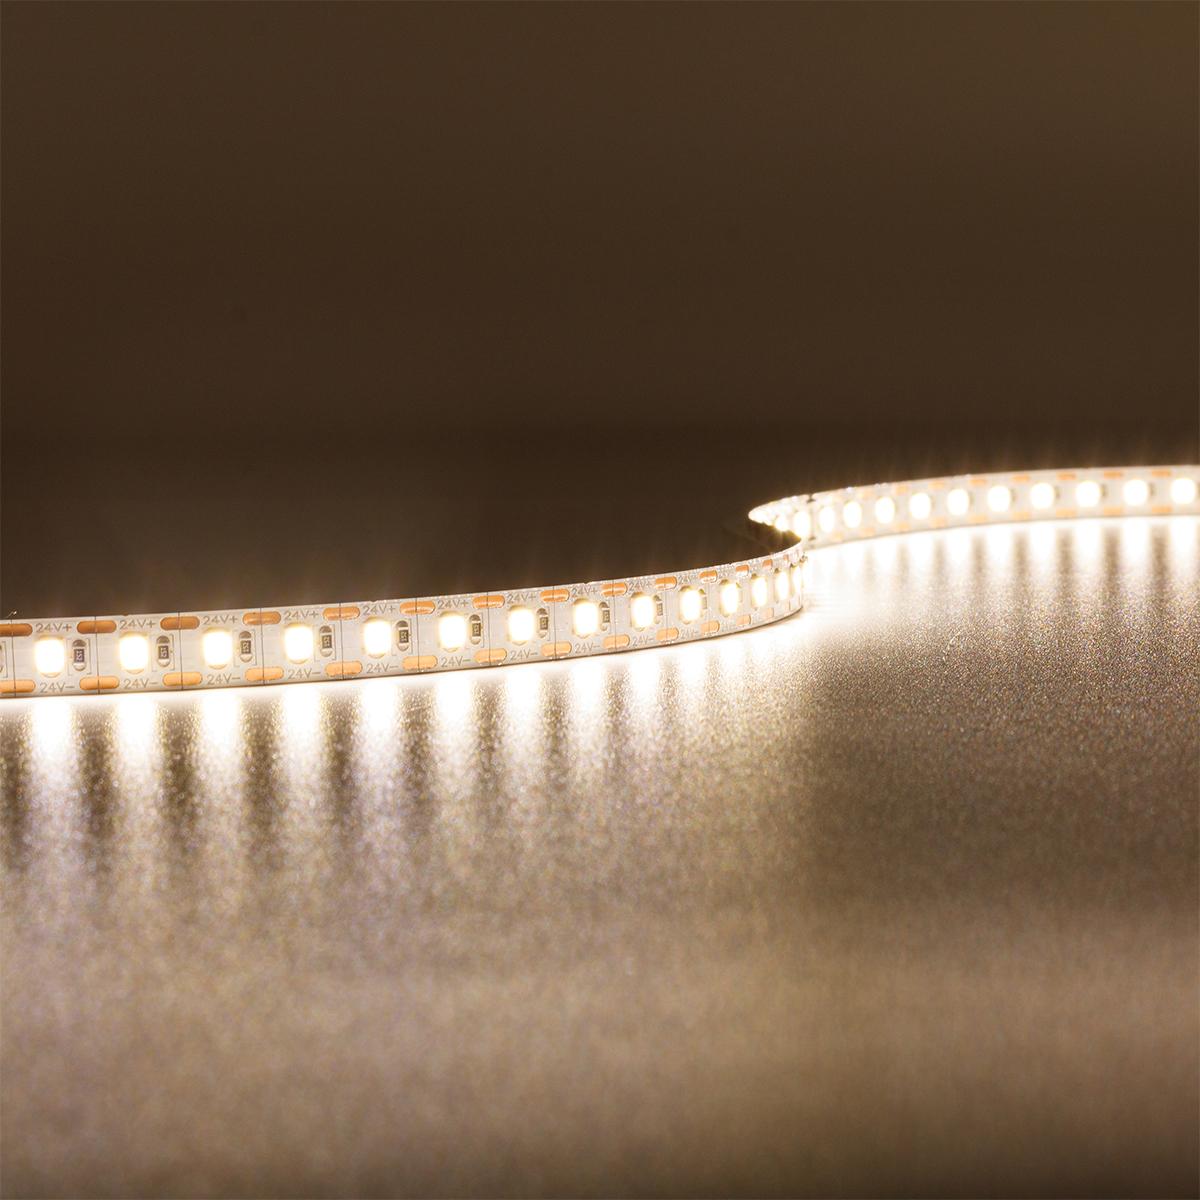 Single Cut Neutralweiß 24V LED Streifen 5M 15W/m 120LED/m 8mm IP20 4000K